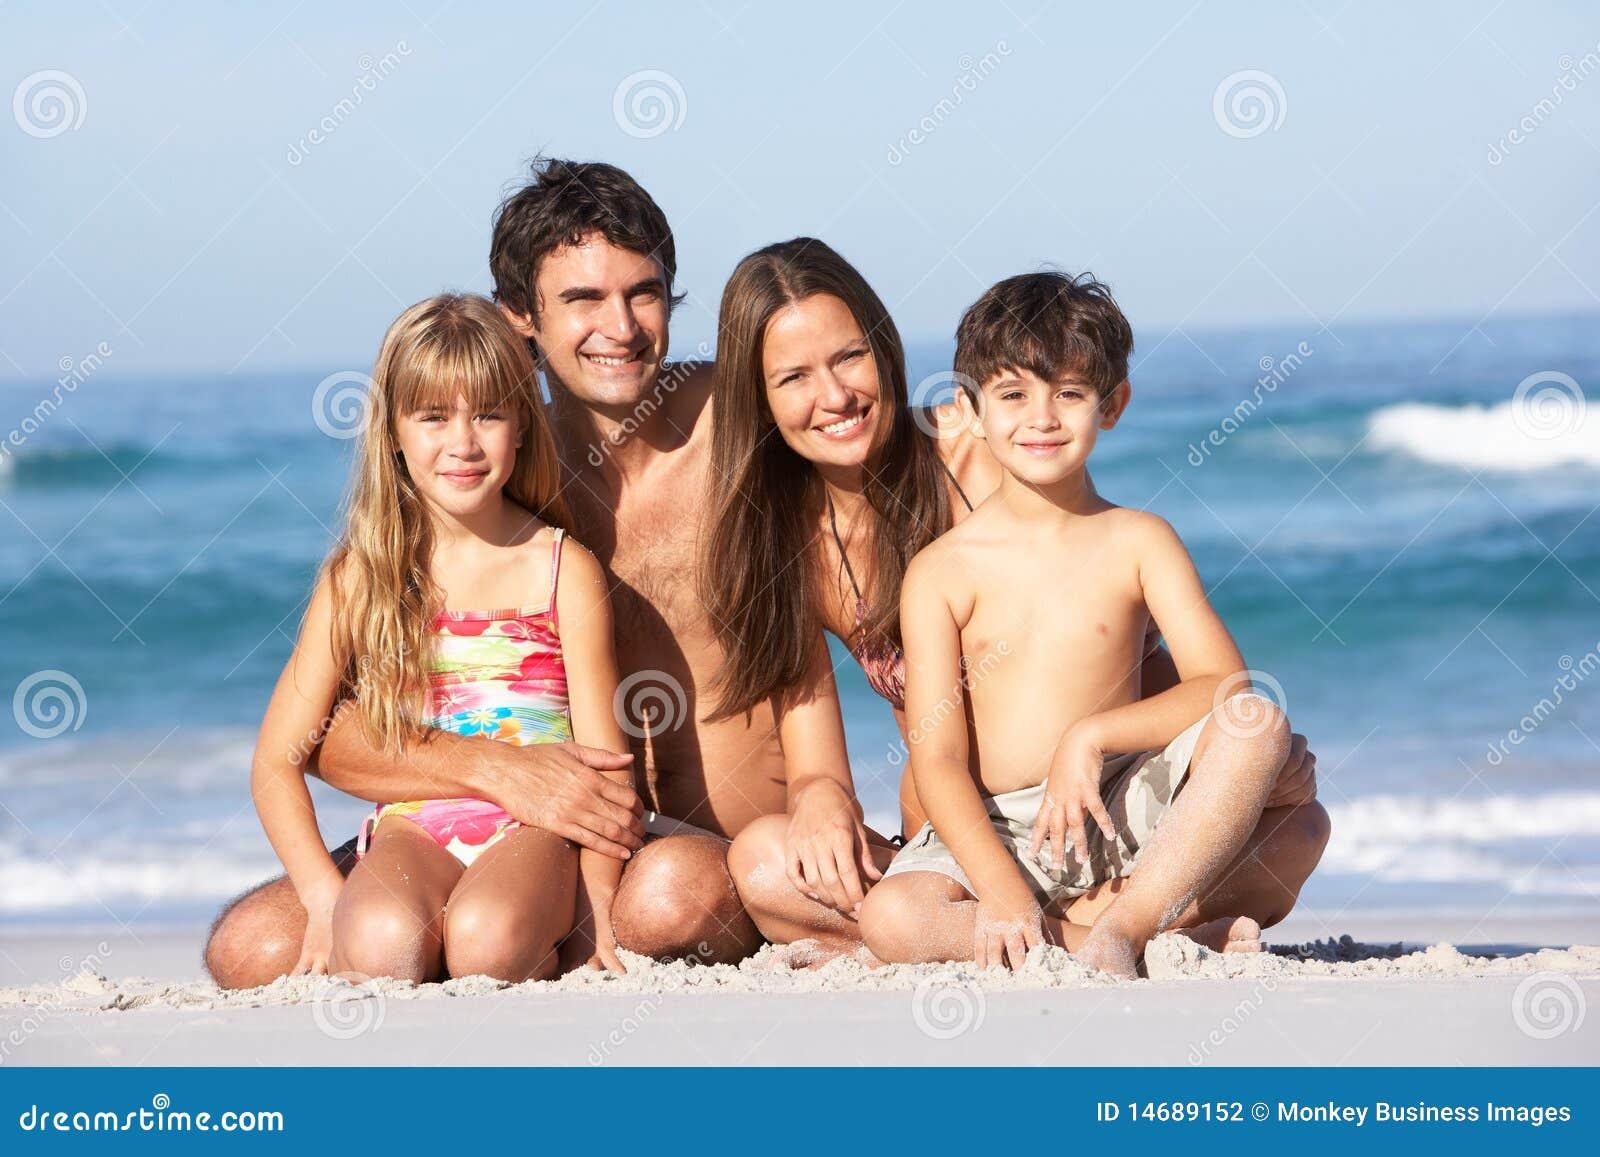 Нудистки семья мне